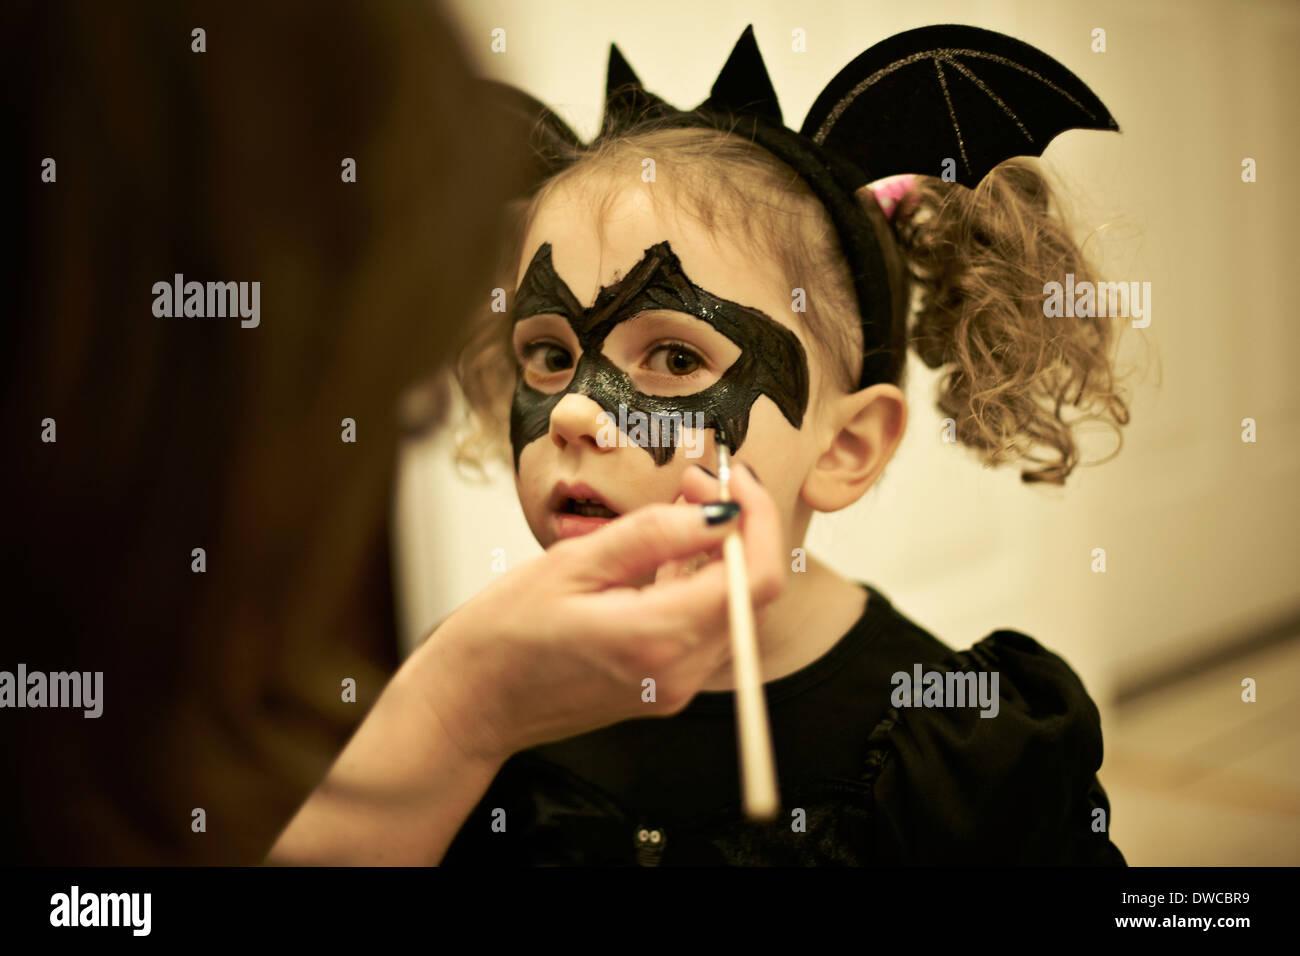 Peinture pour visage mère filles halloween costume bat Photo Stock